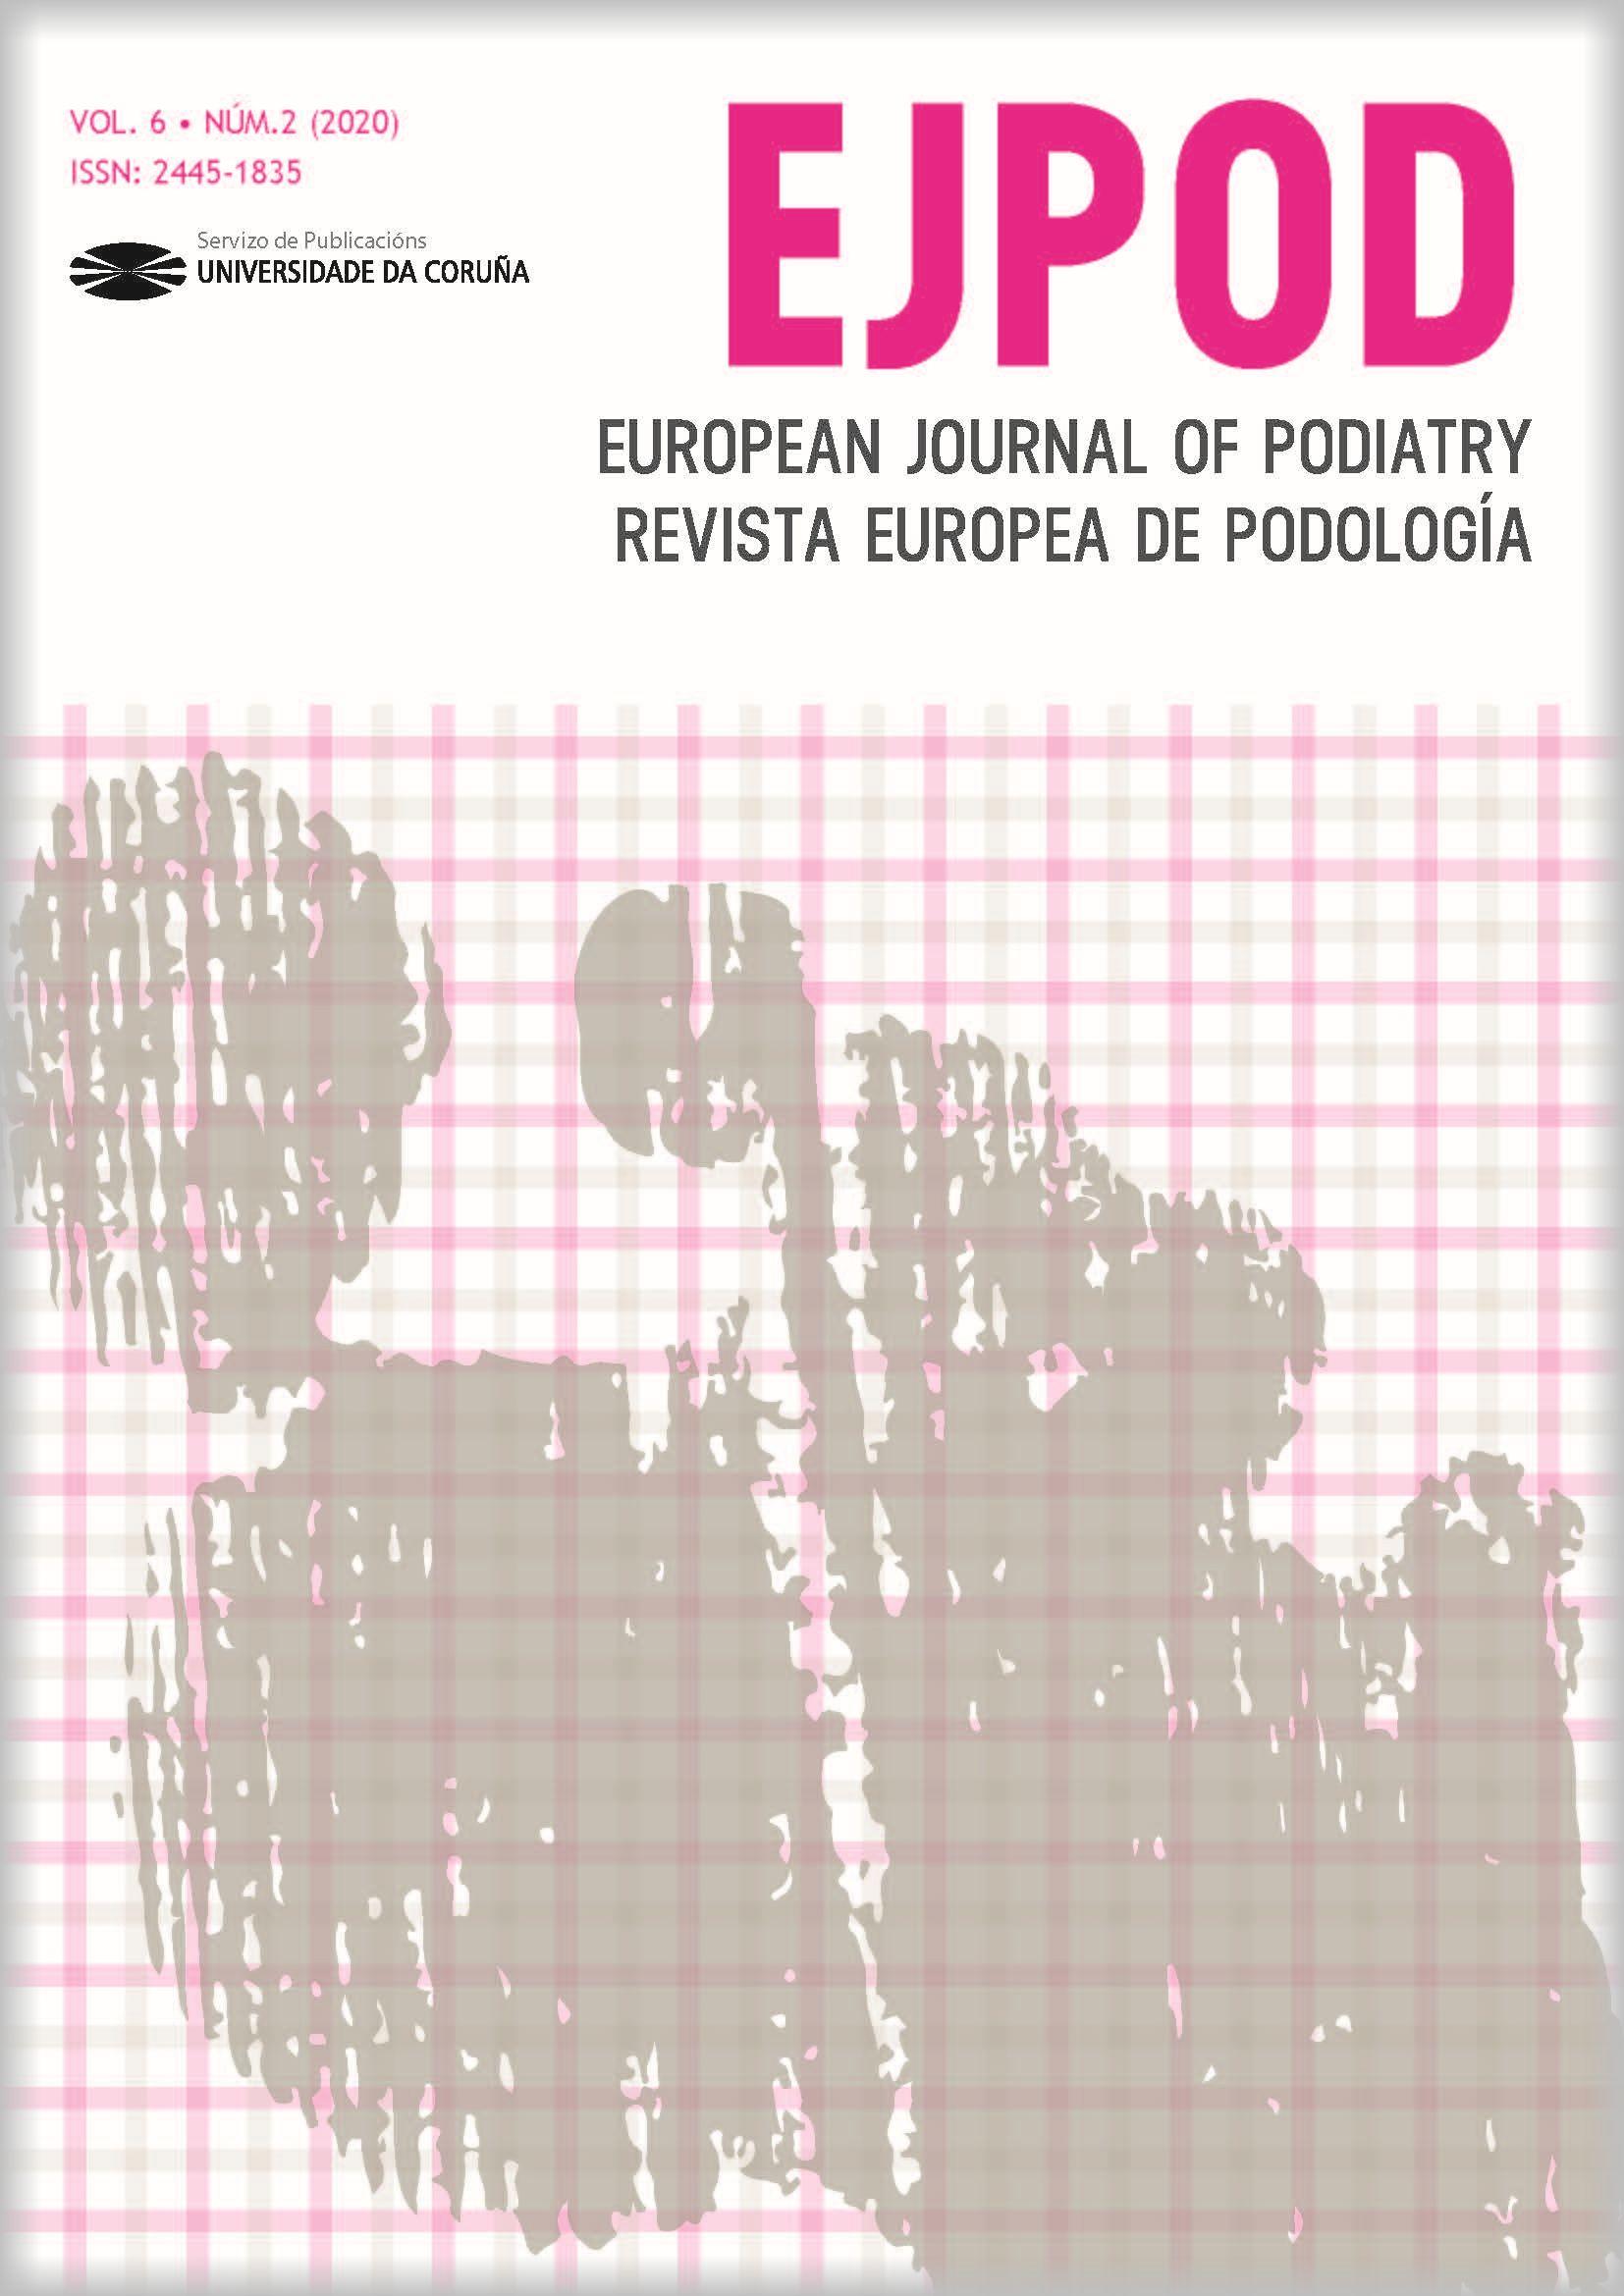 European Journal of Podiatry. Revista Europea de Podología